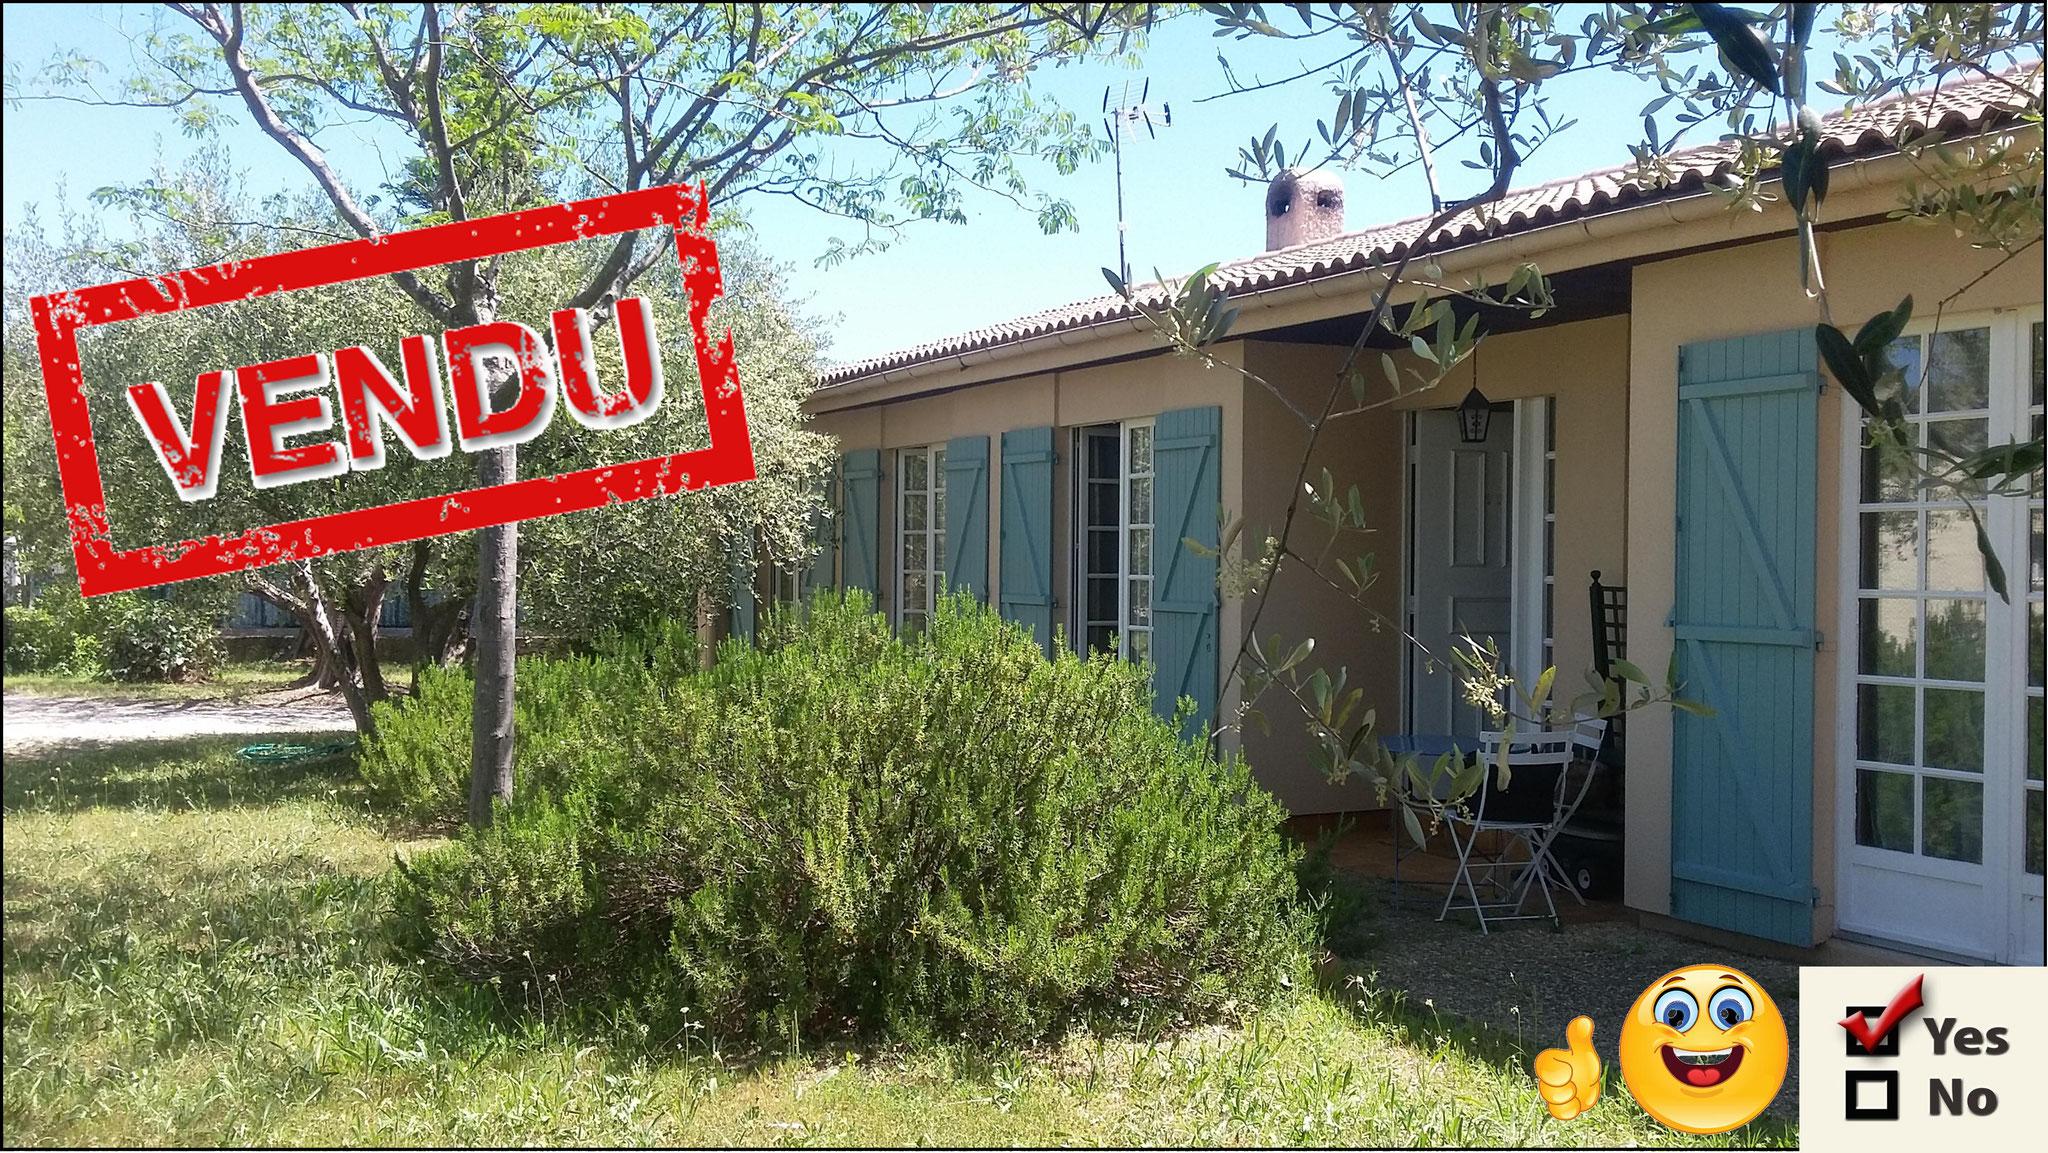 Trans en Provence - 295 000 € - 3 chambres - 114 m² - Terrain 1300 m²